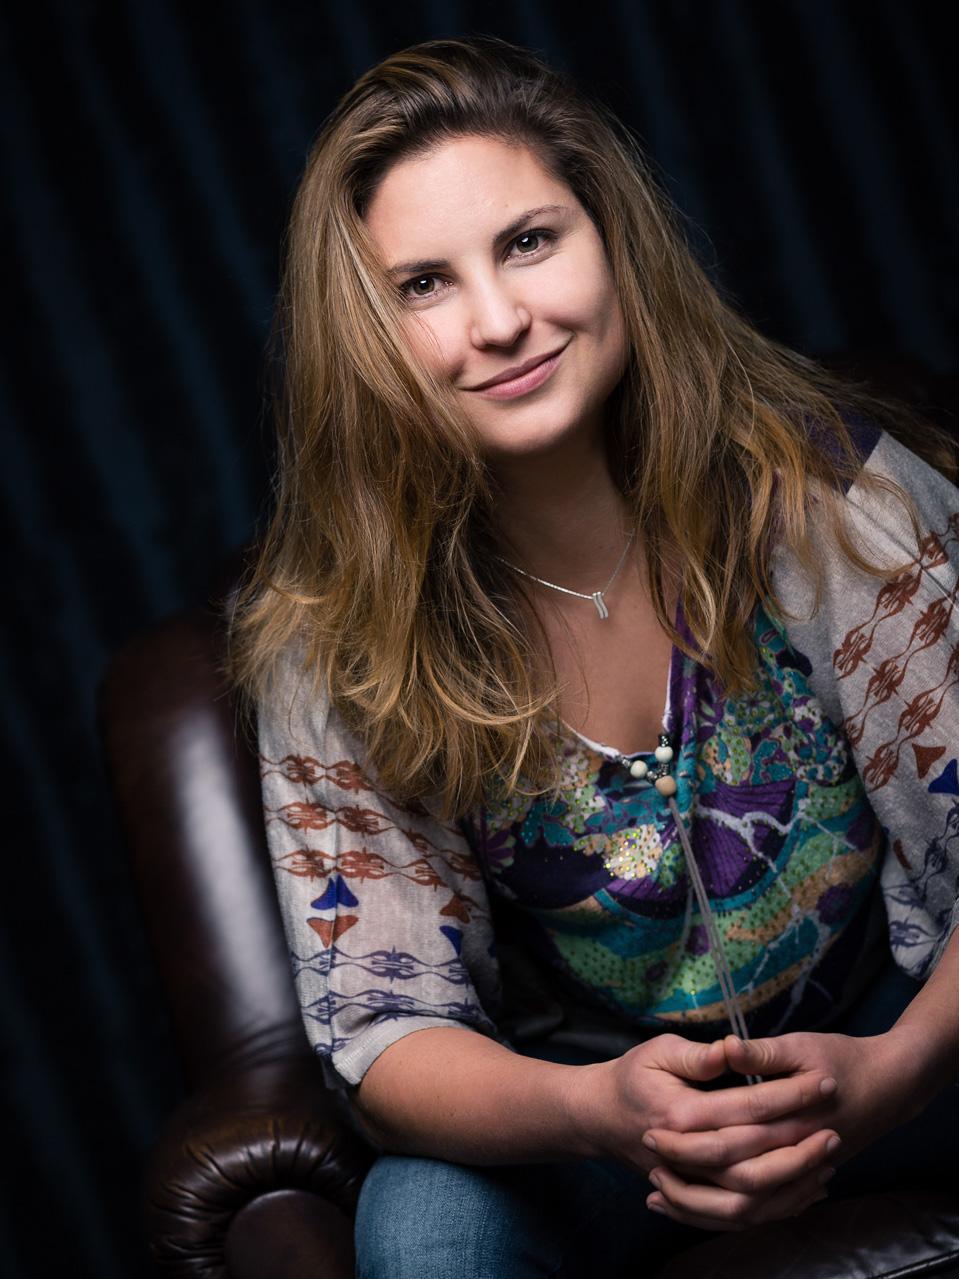 People und Portraitfotos von PICT Images Tom Freudenberg / Tom Zilker